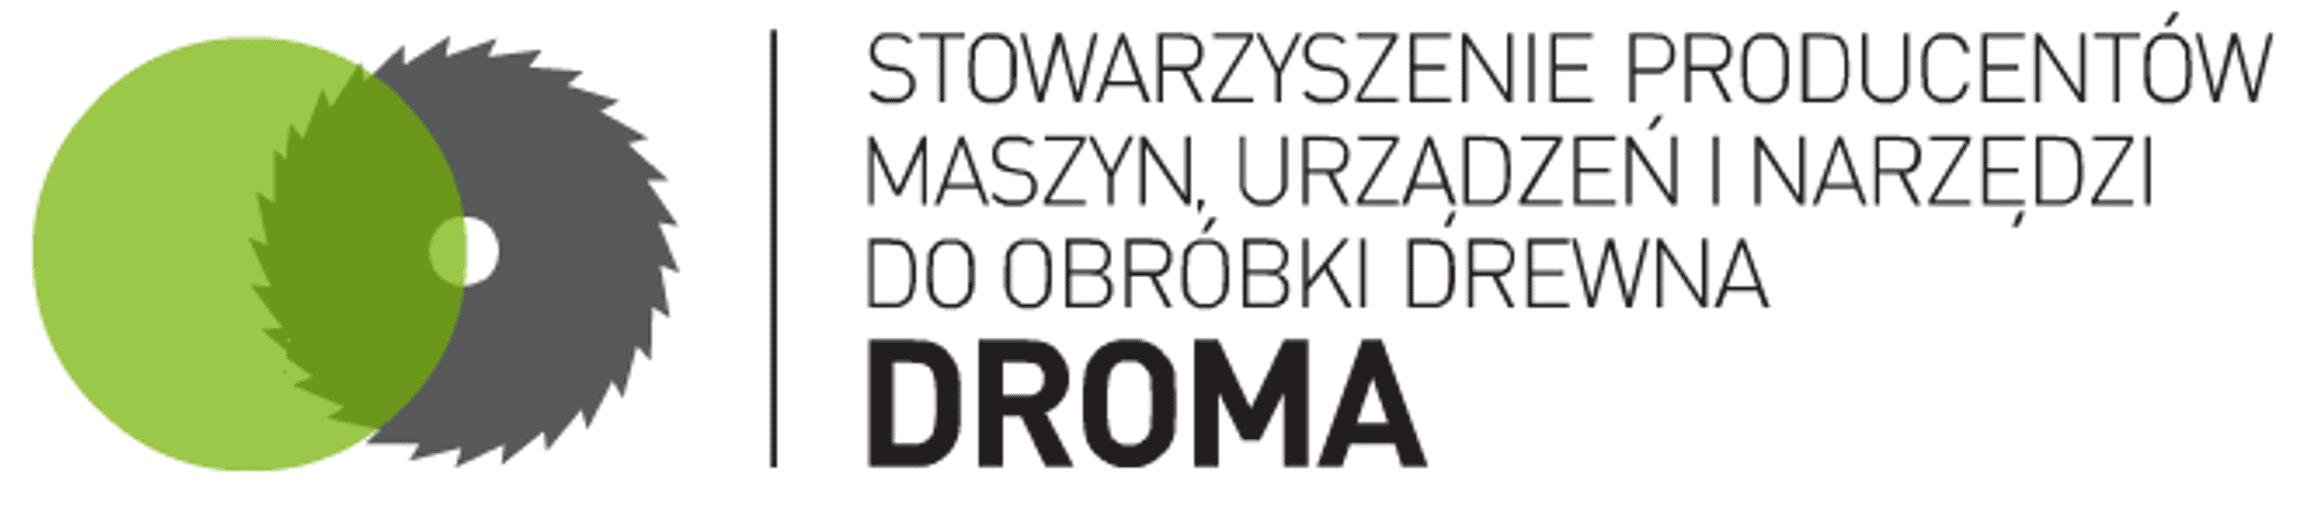 DROMA - Stowarzyszenie Producentów Maszyn, Urządzeń i Narzędzi do Obróbki Drewna Logo